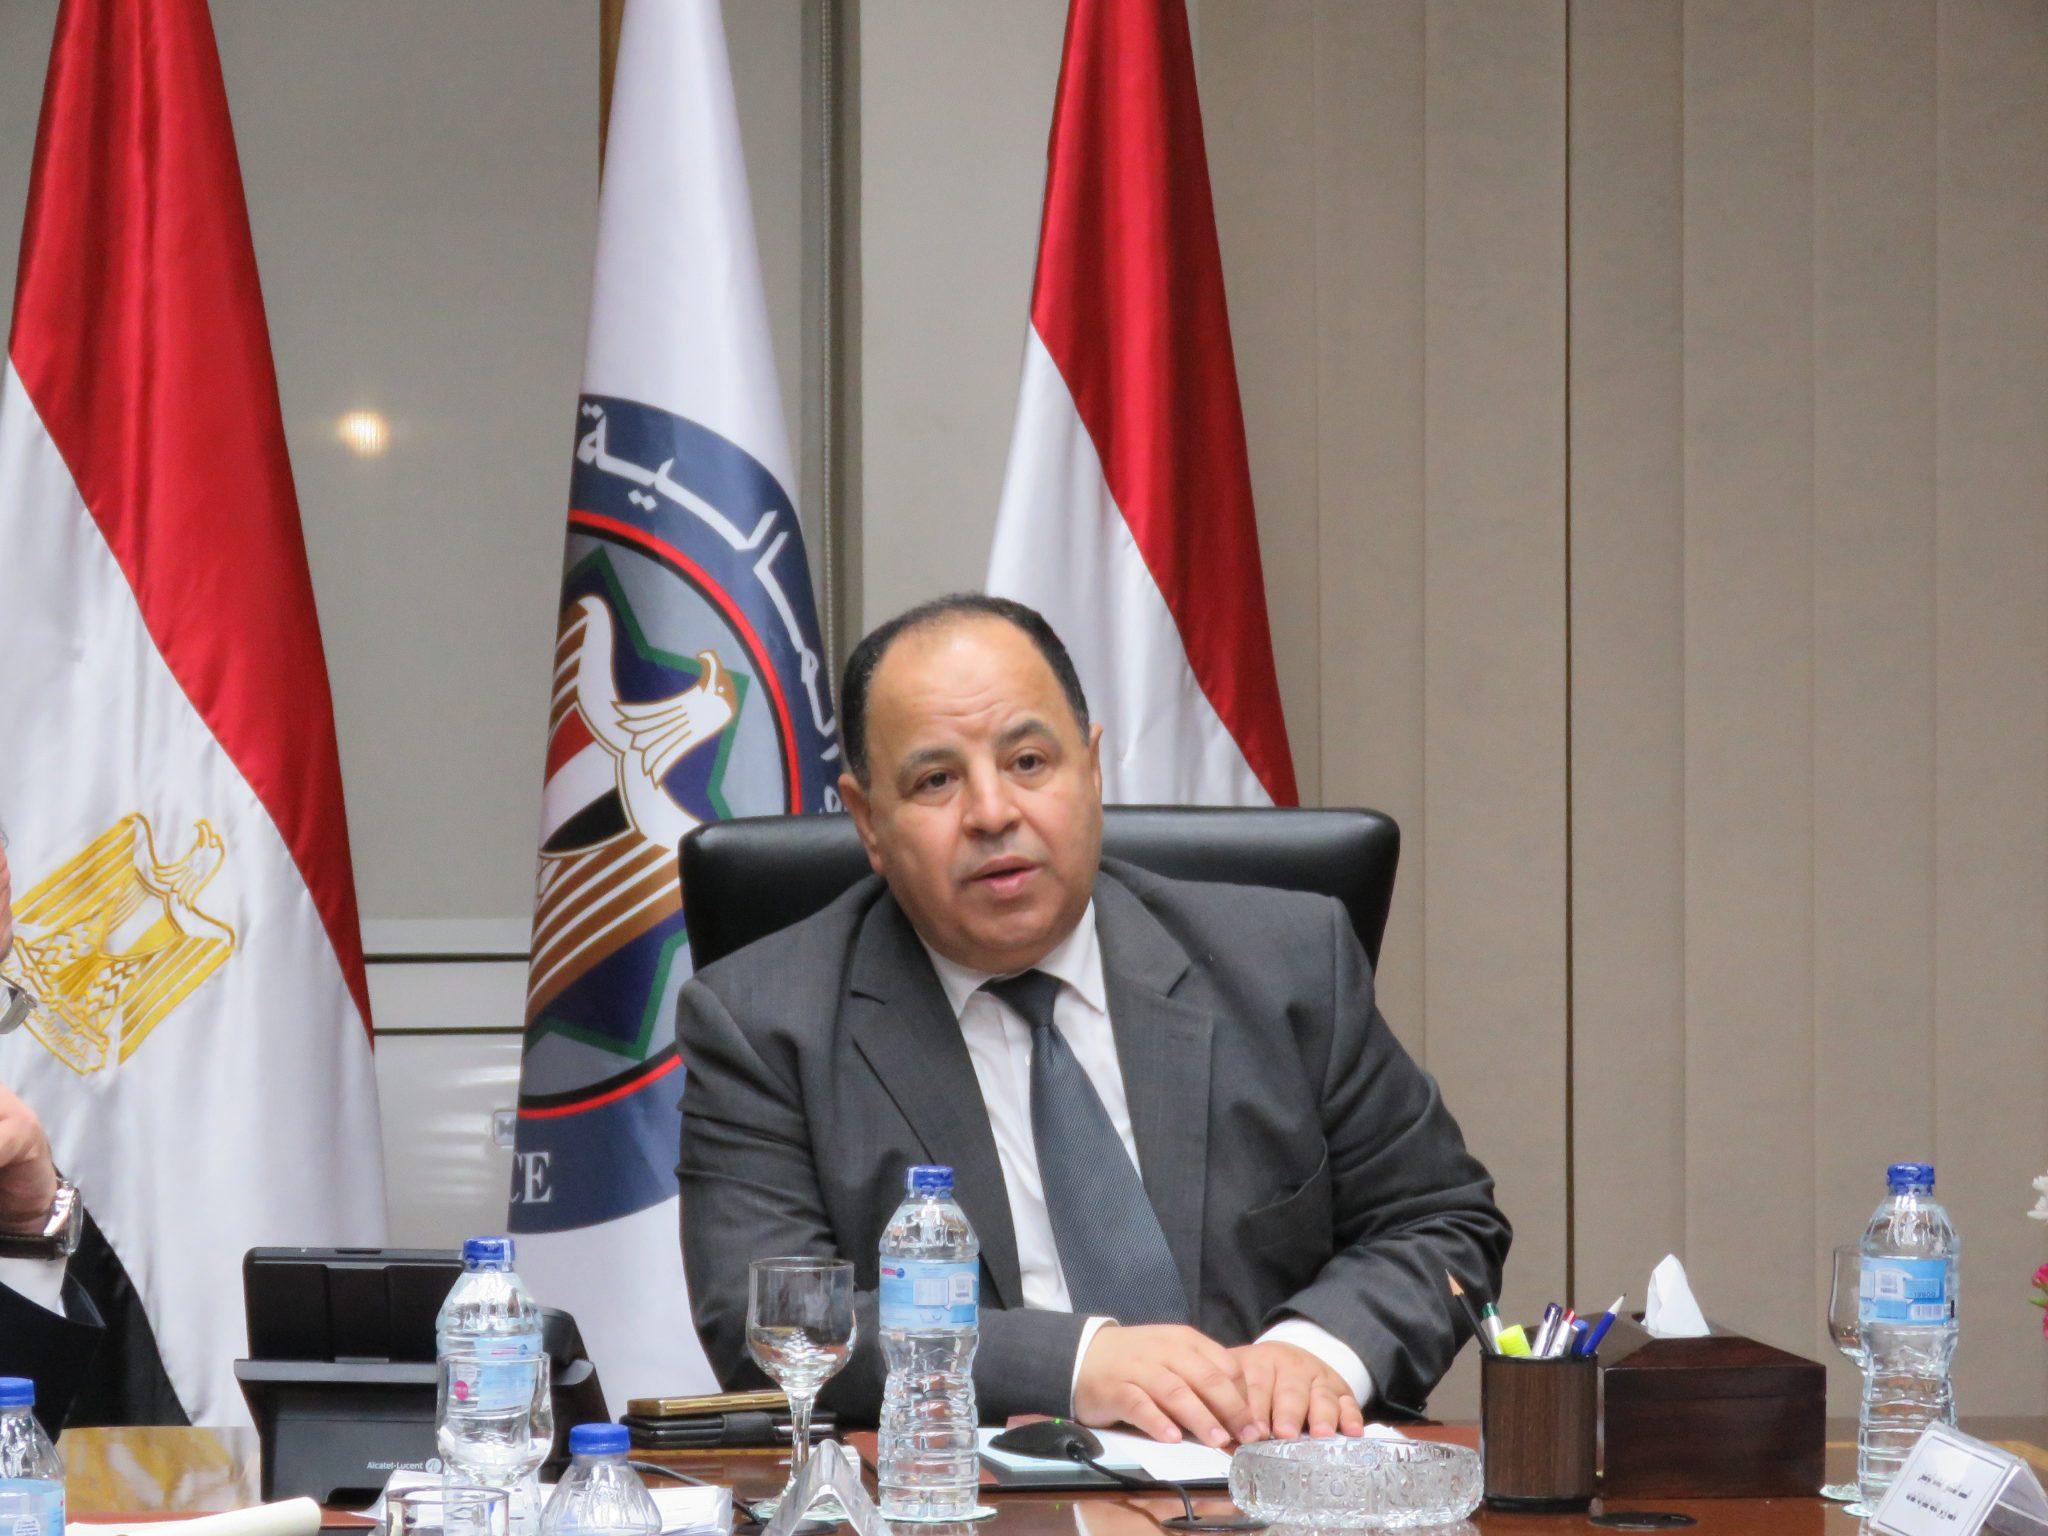 """وزارة المالية: تقرر تقديم موعد صرف مرتبات مايو بمناسبة عيد الفطر.. تعرف على مواعيد صرف الجهات والهيئات """"صور"""""""